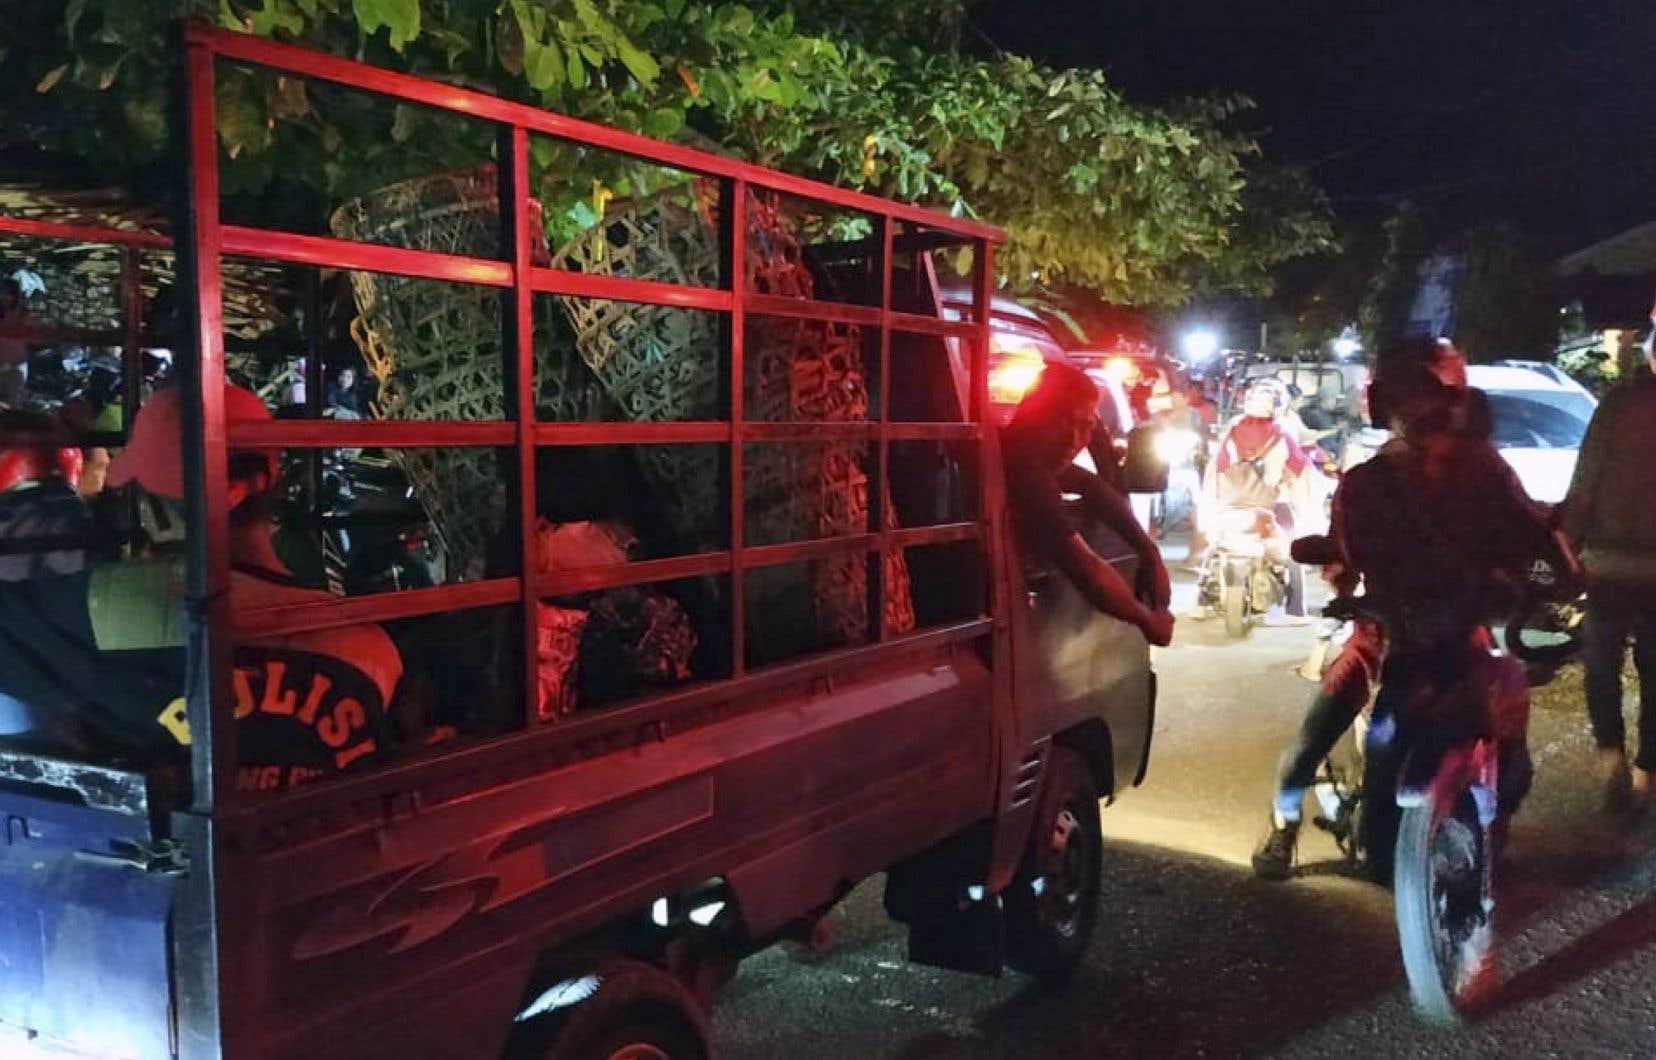 Les premiers témoignages rapportent des scènes de panique chez les habitants. Par crainte du tsunami, certains tentaient de se réfugier en hauteur.